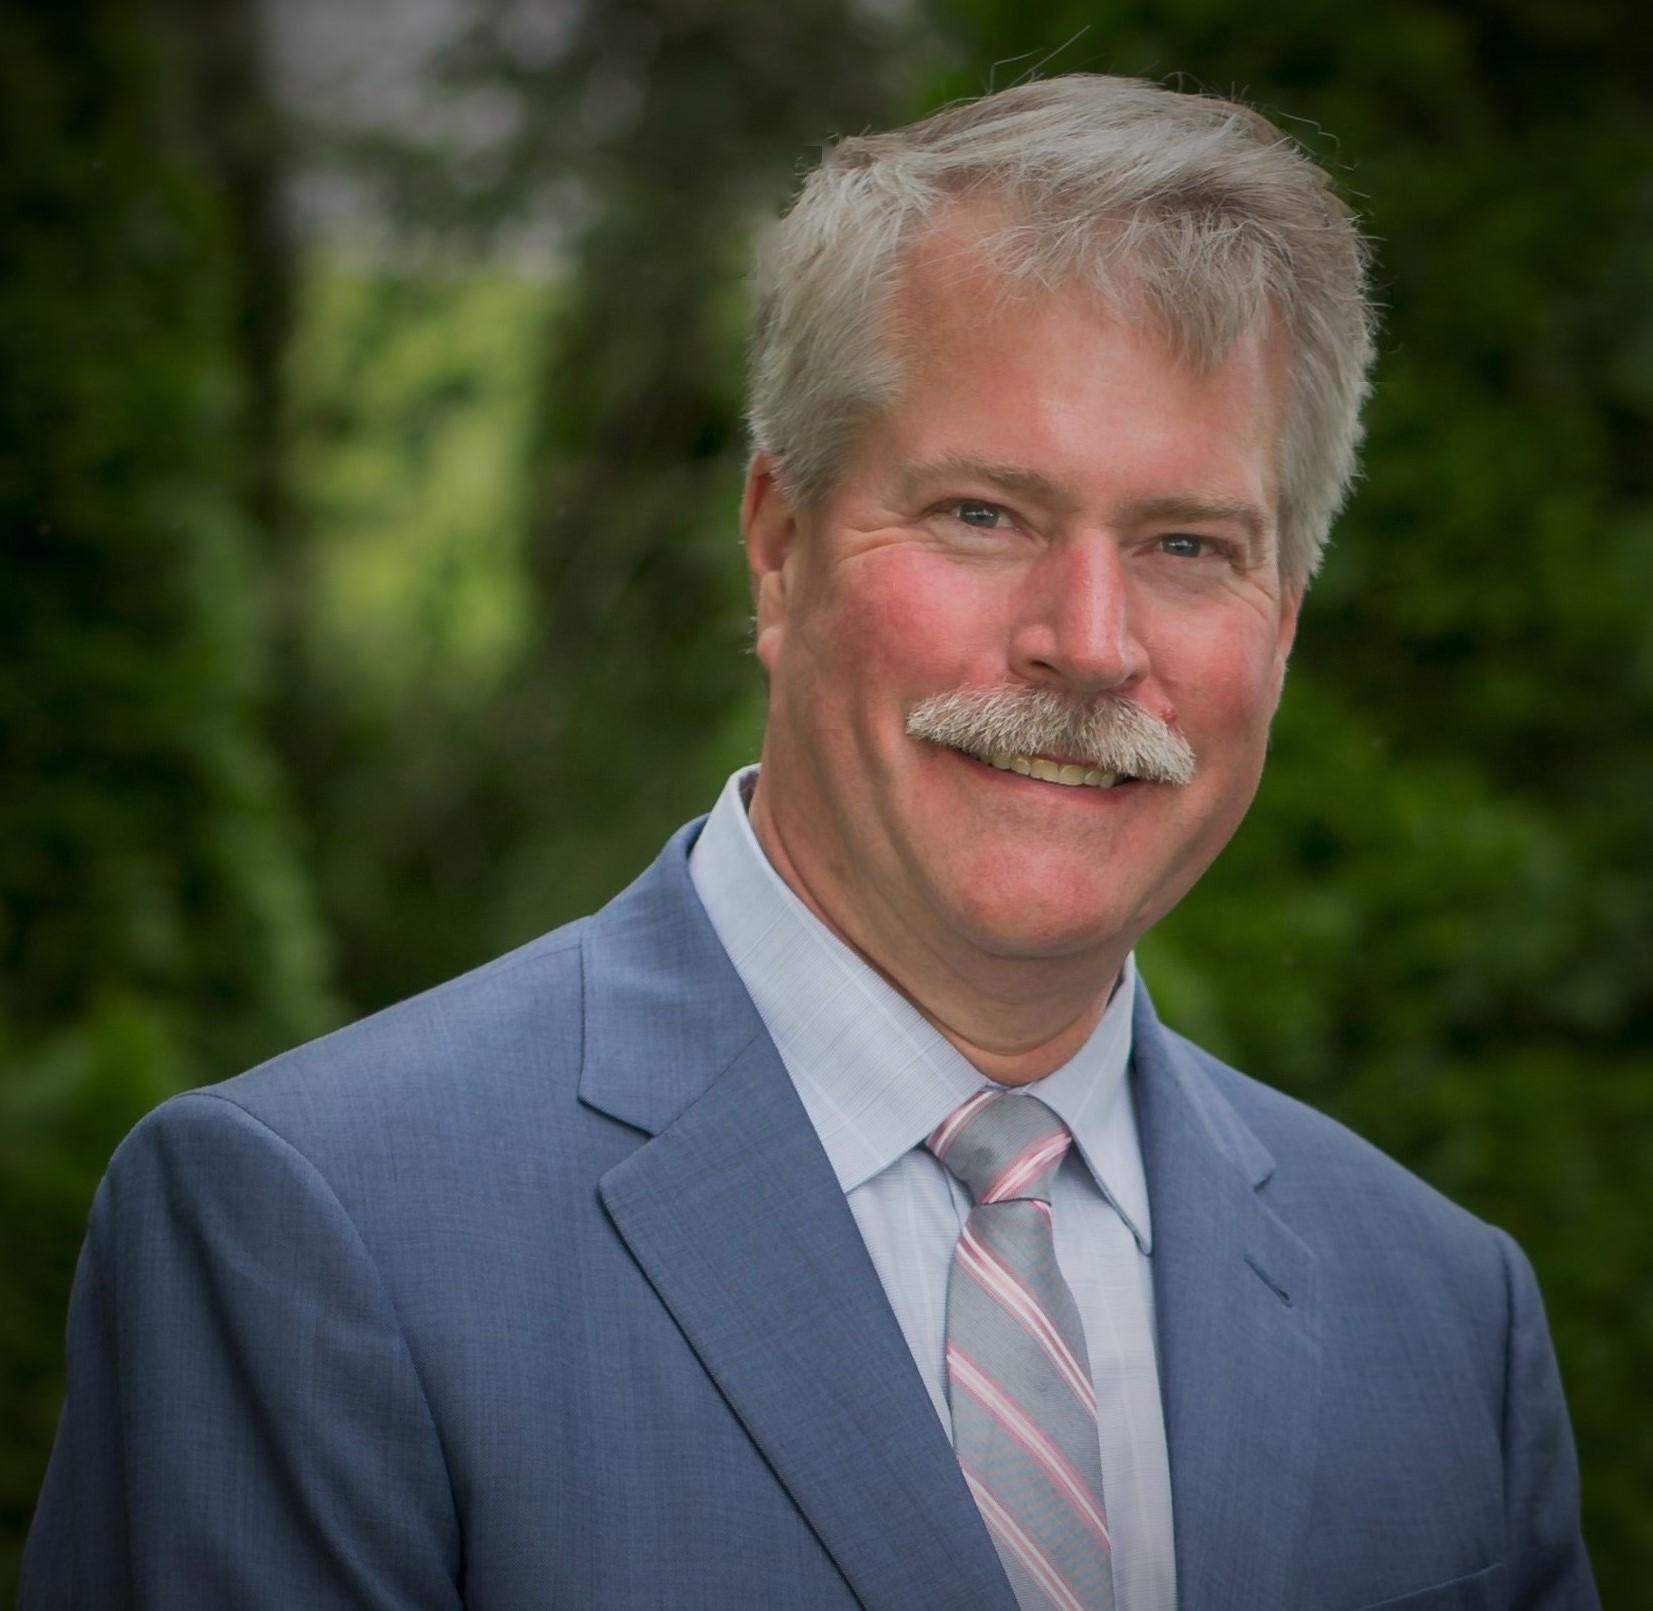 Scott Euteneier